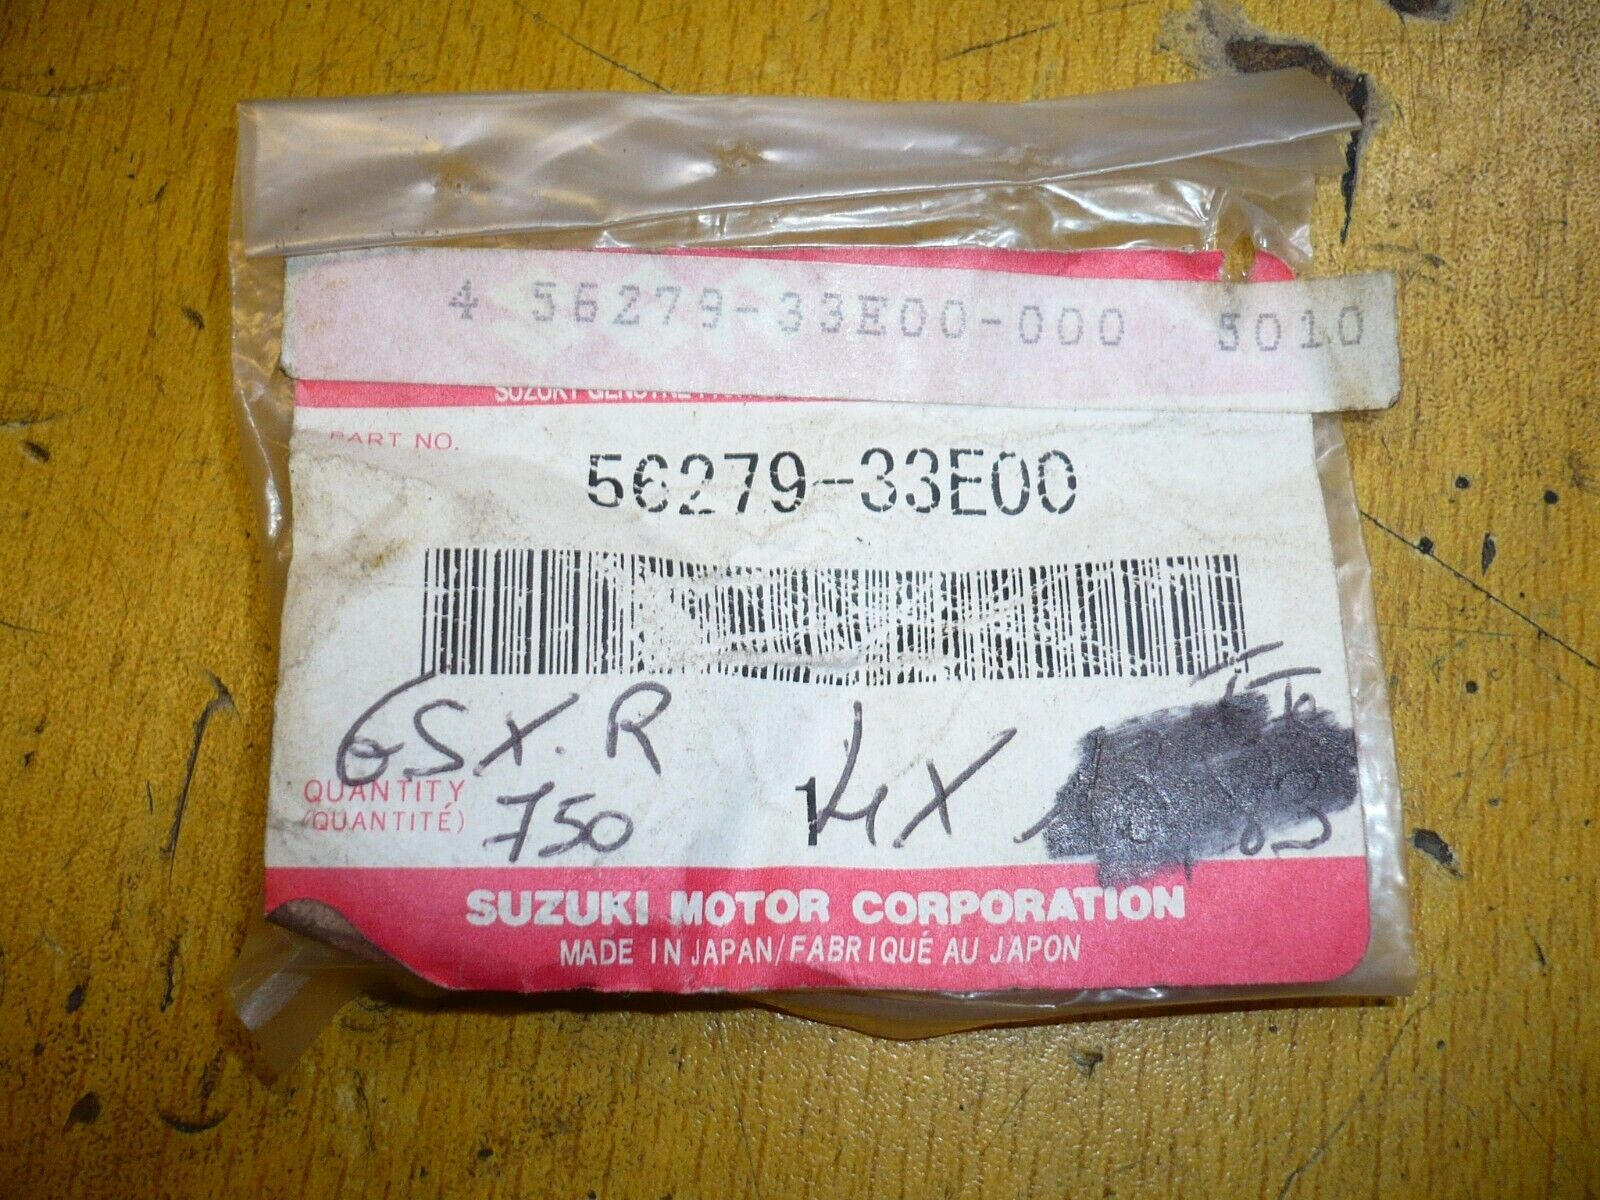 Cache embout guidon suzuki 56279-33e00 56279-33e01 gsxr 600 750 gsr gsx-s 750